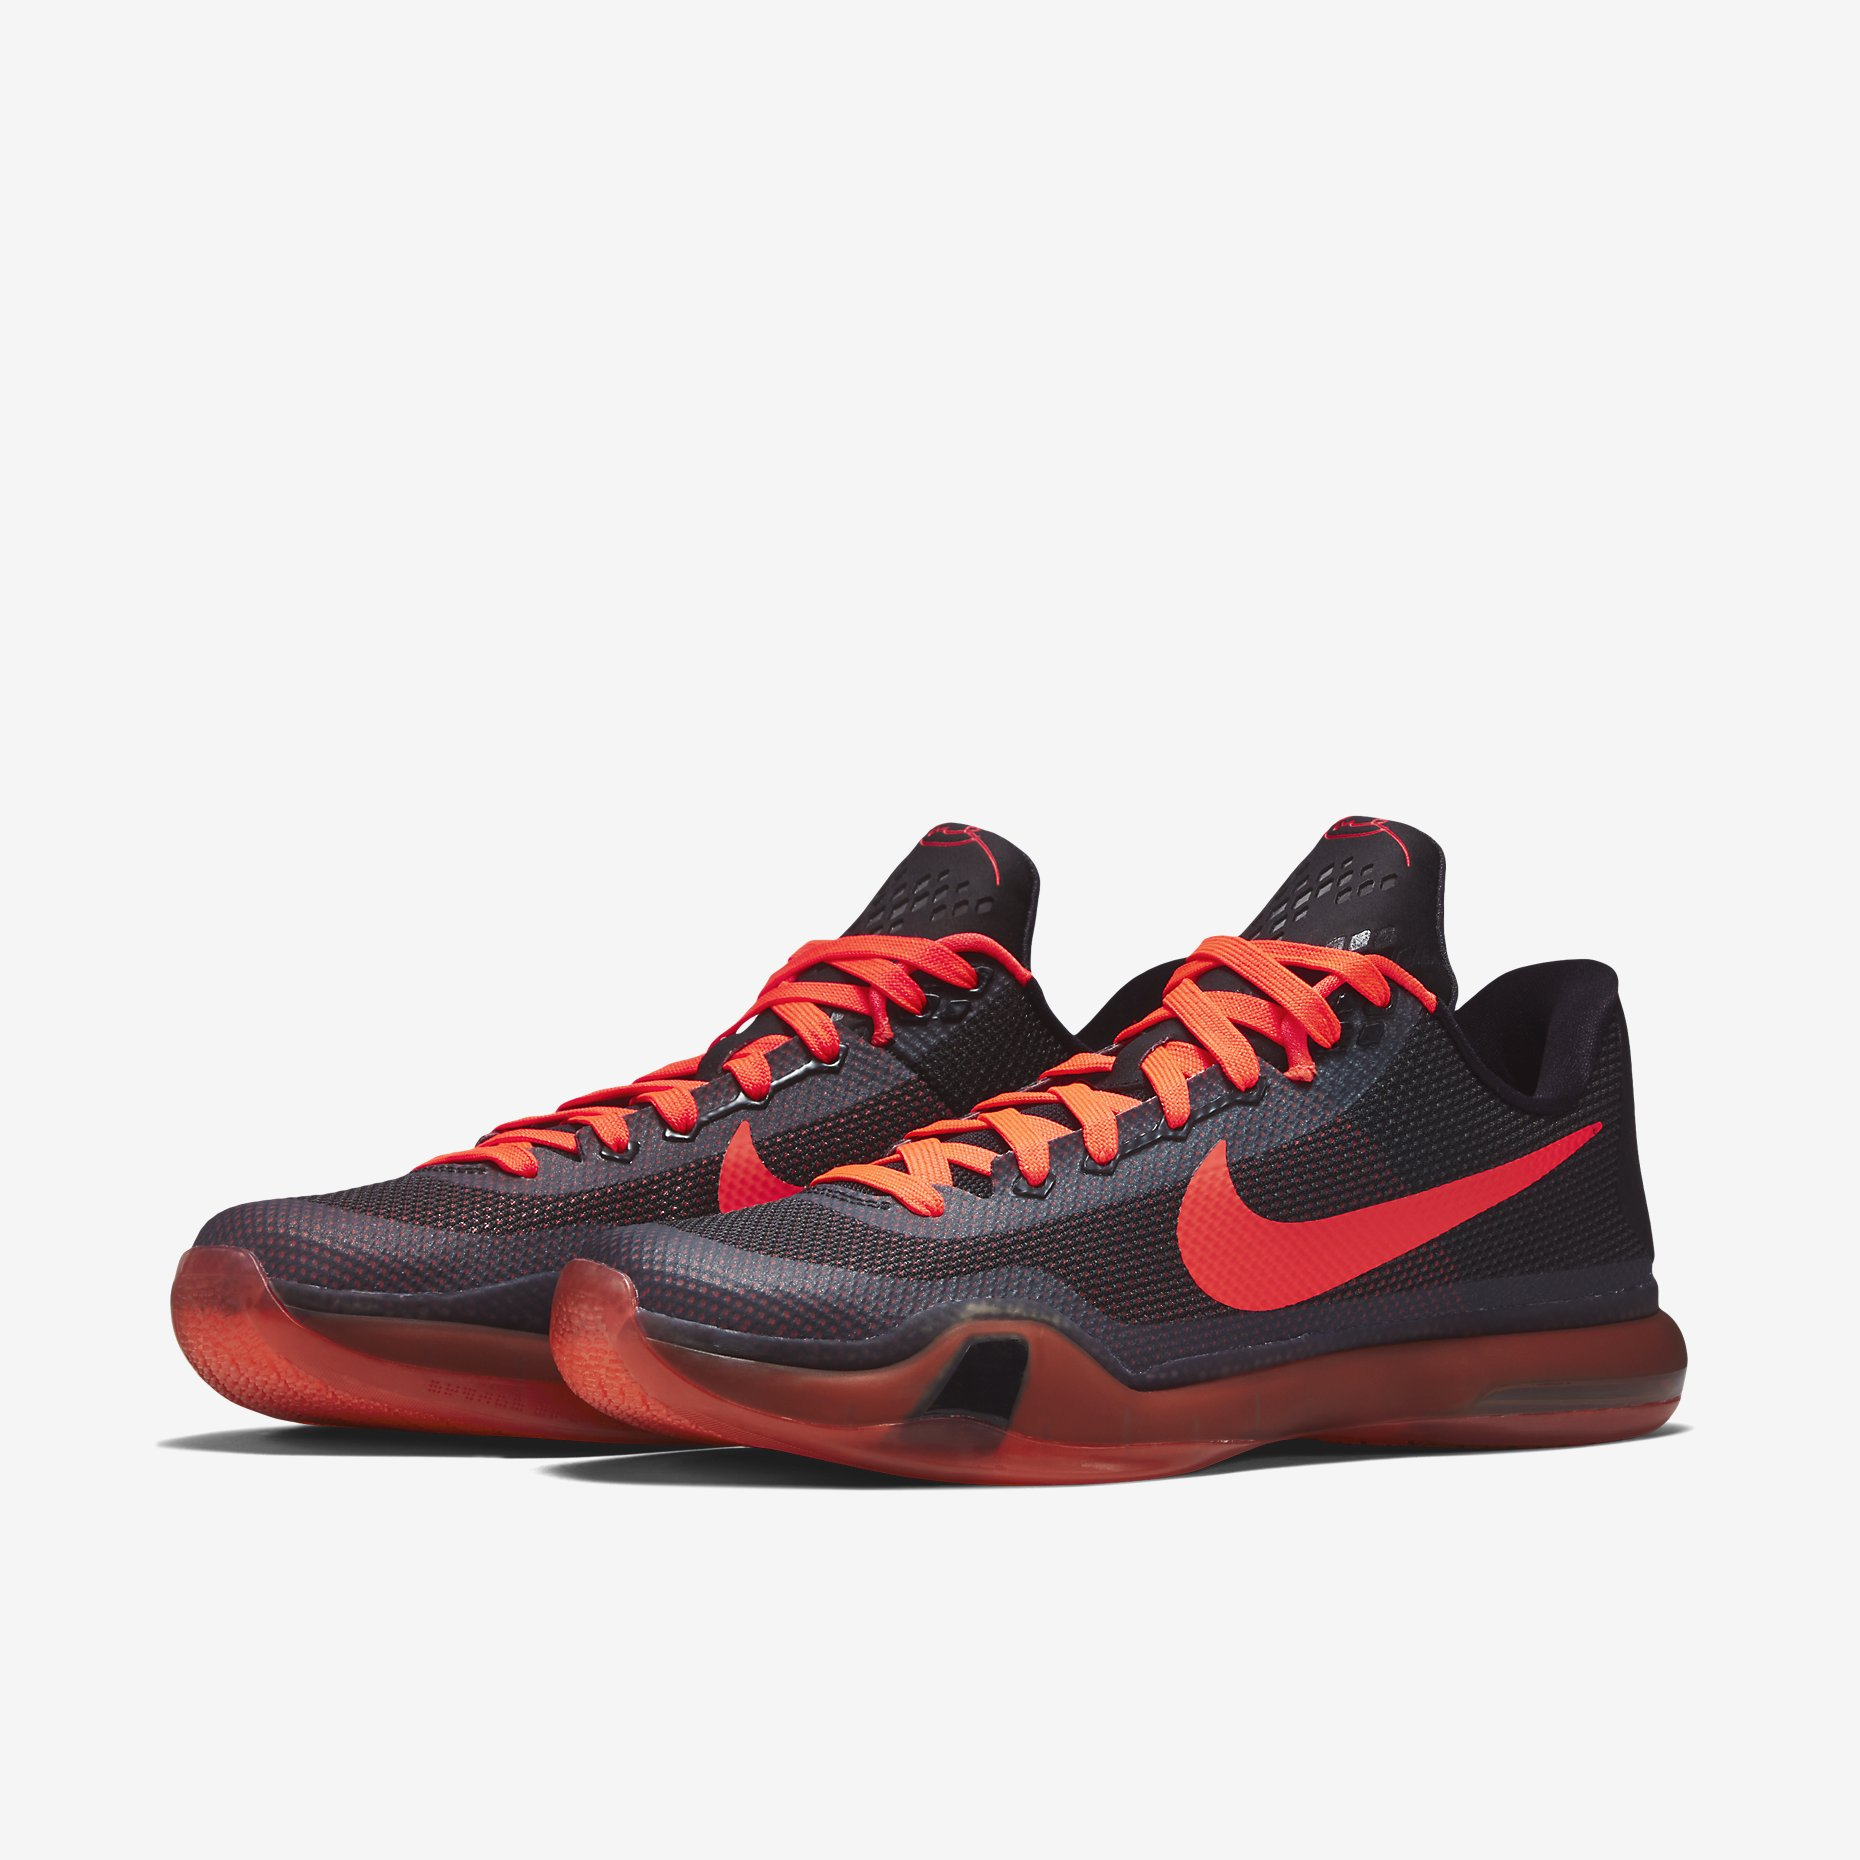 525e6e7e70e4 Nike Kobe 10(X) Color  Black Anthracite-Bright Crimson Style  705317-060.  Price   180.00